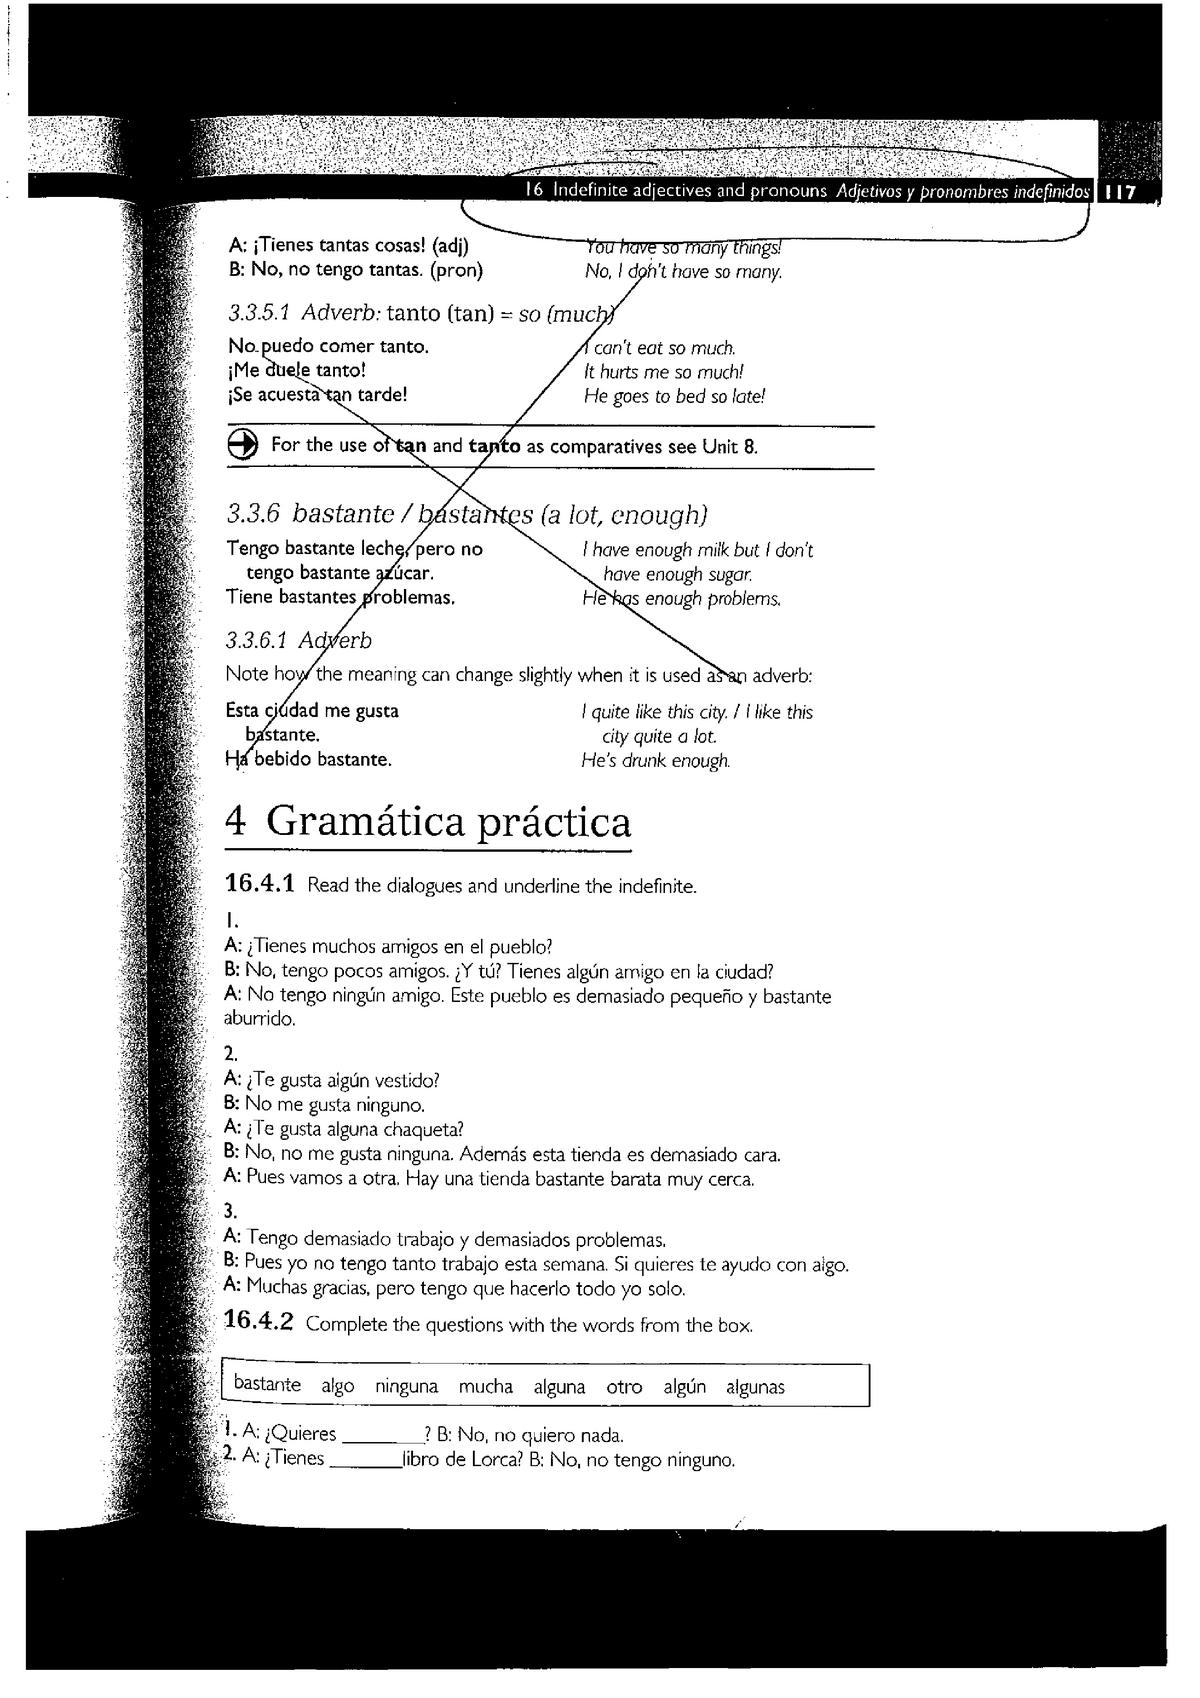 Ejercicios de repaso - SPAN10001: Spanish 1 - StuDocu